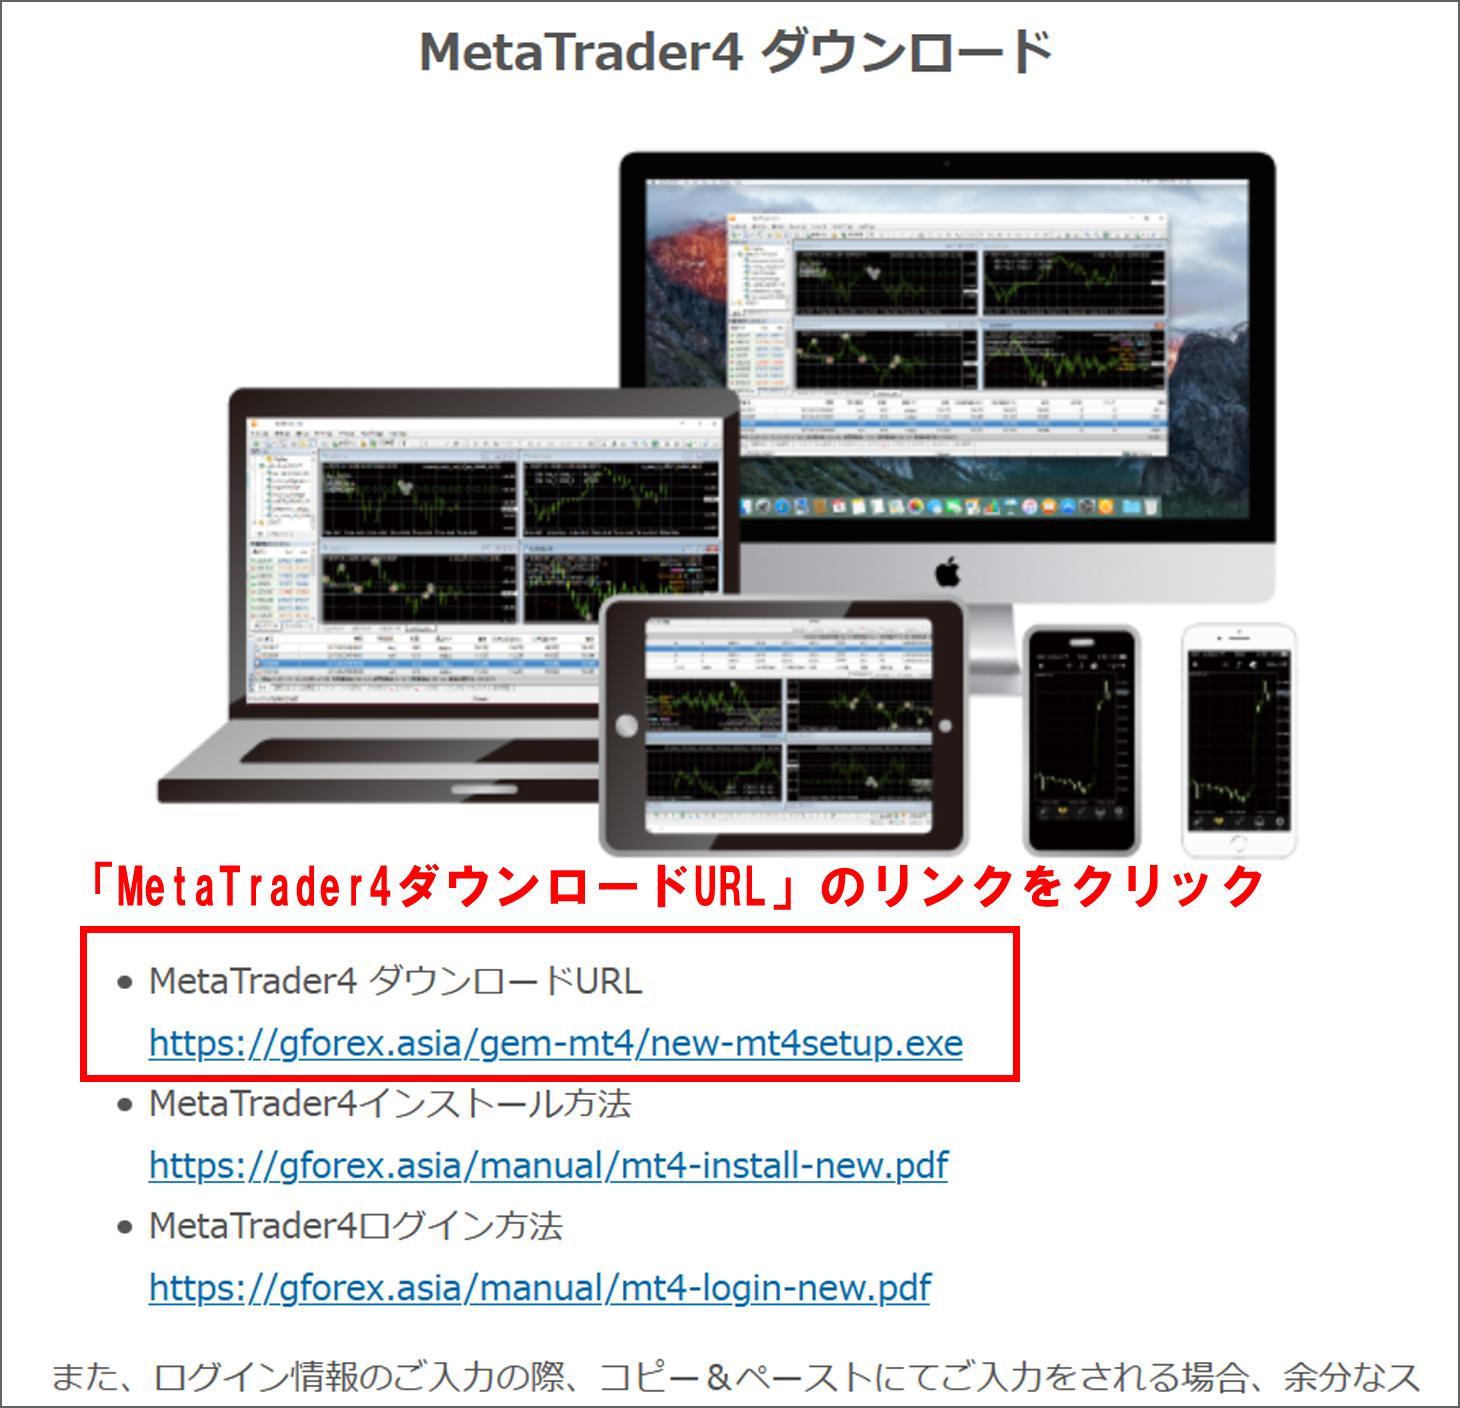 「MetaTrader4 ダウンロードURL」のダウンロードリンク